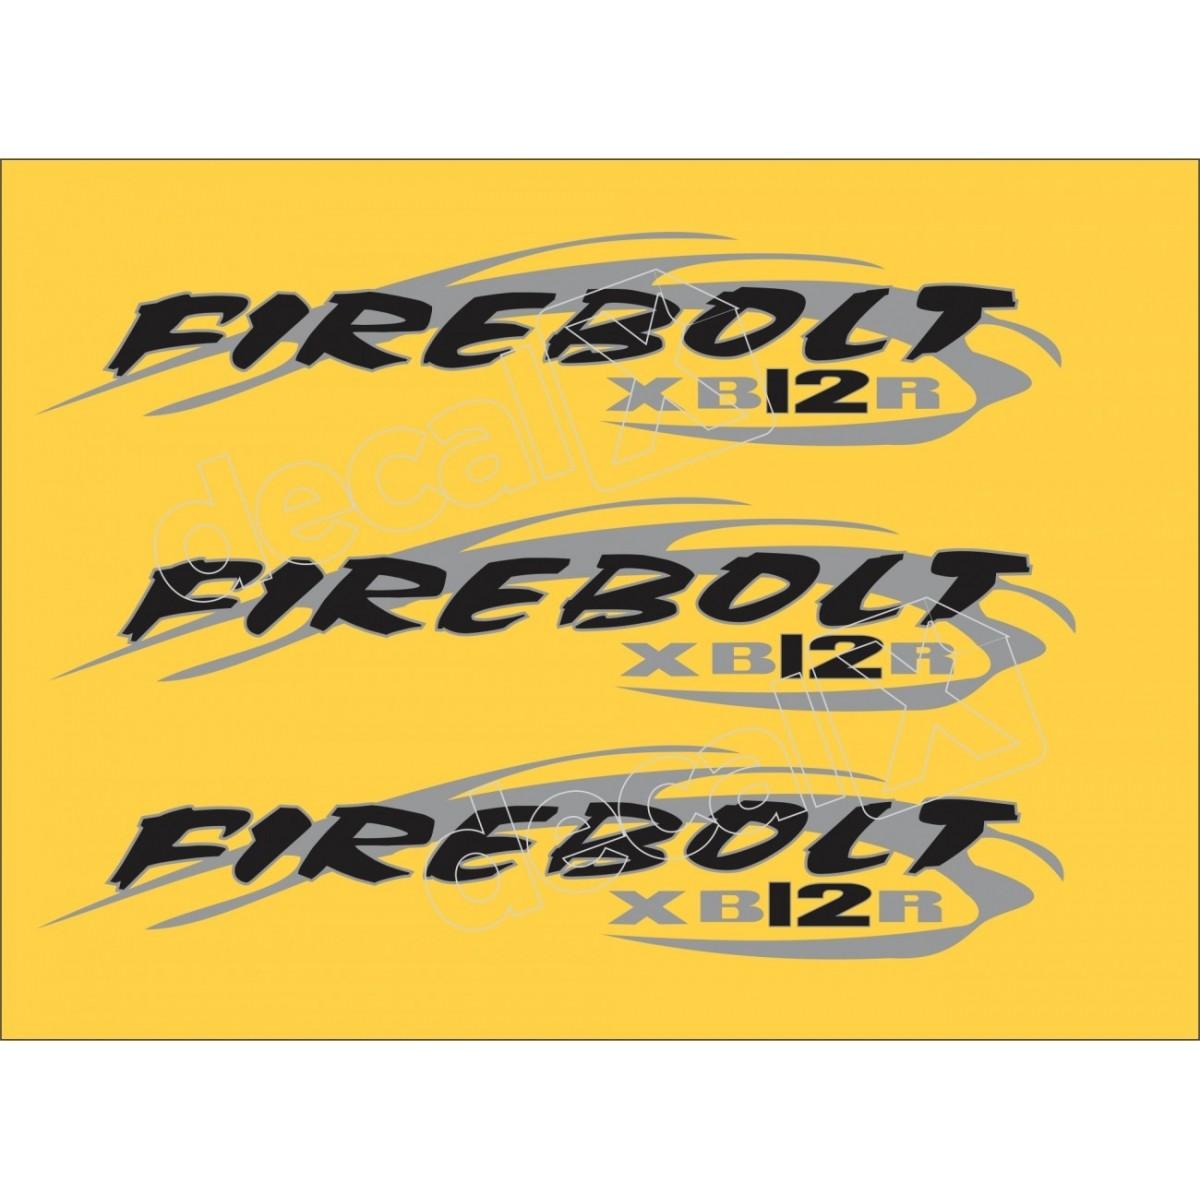 Emblema Adesivo Buell Xb 12r Amarela Decalx